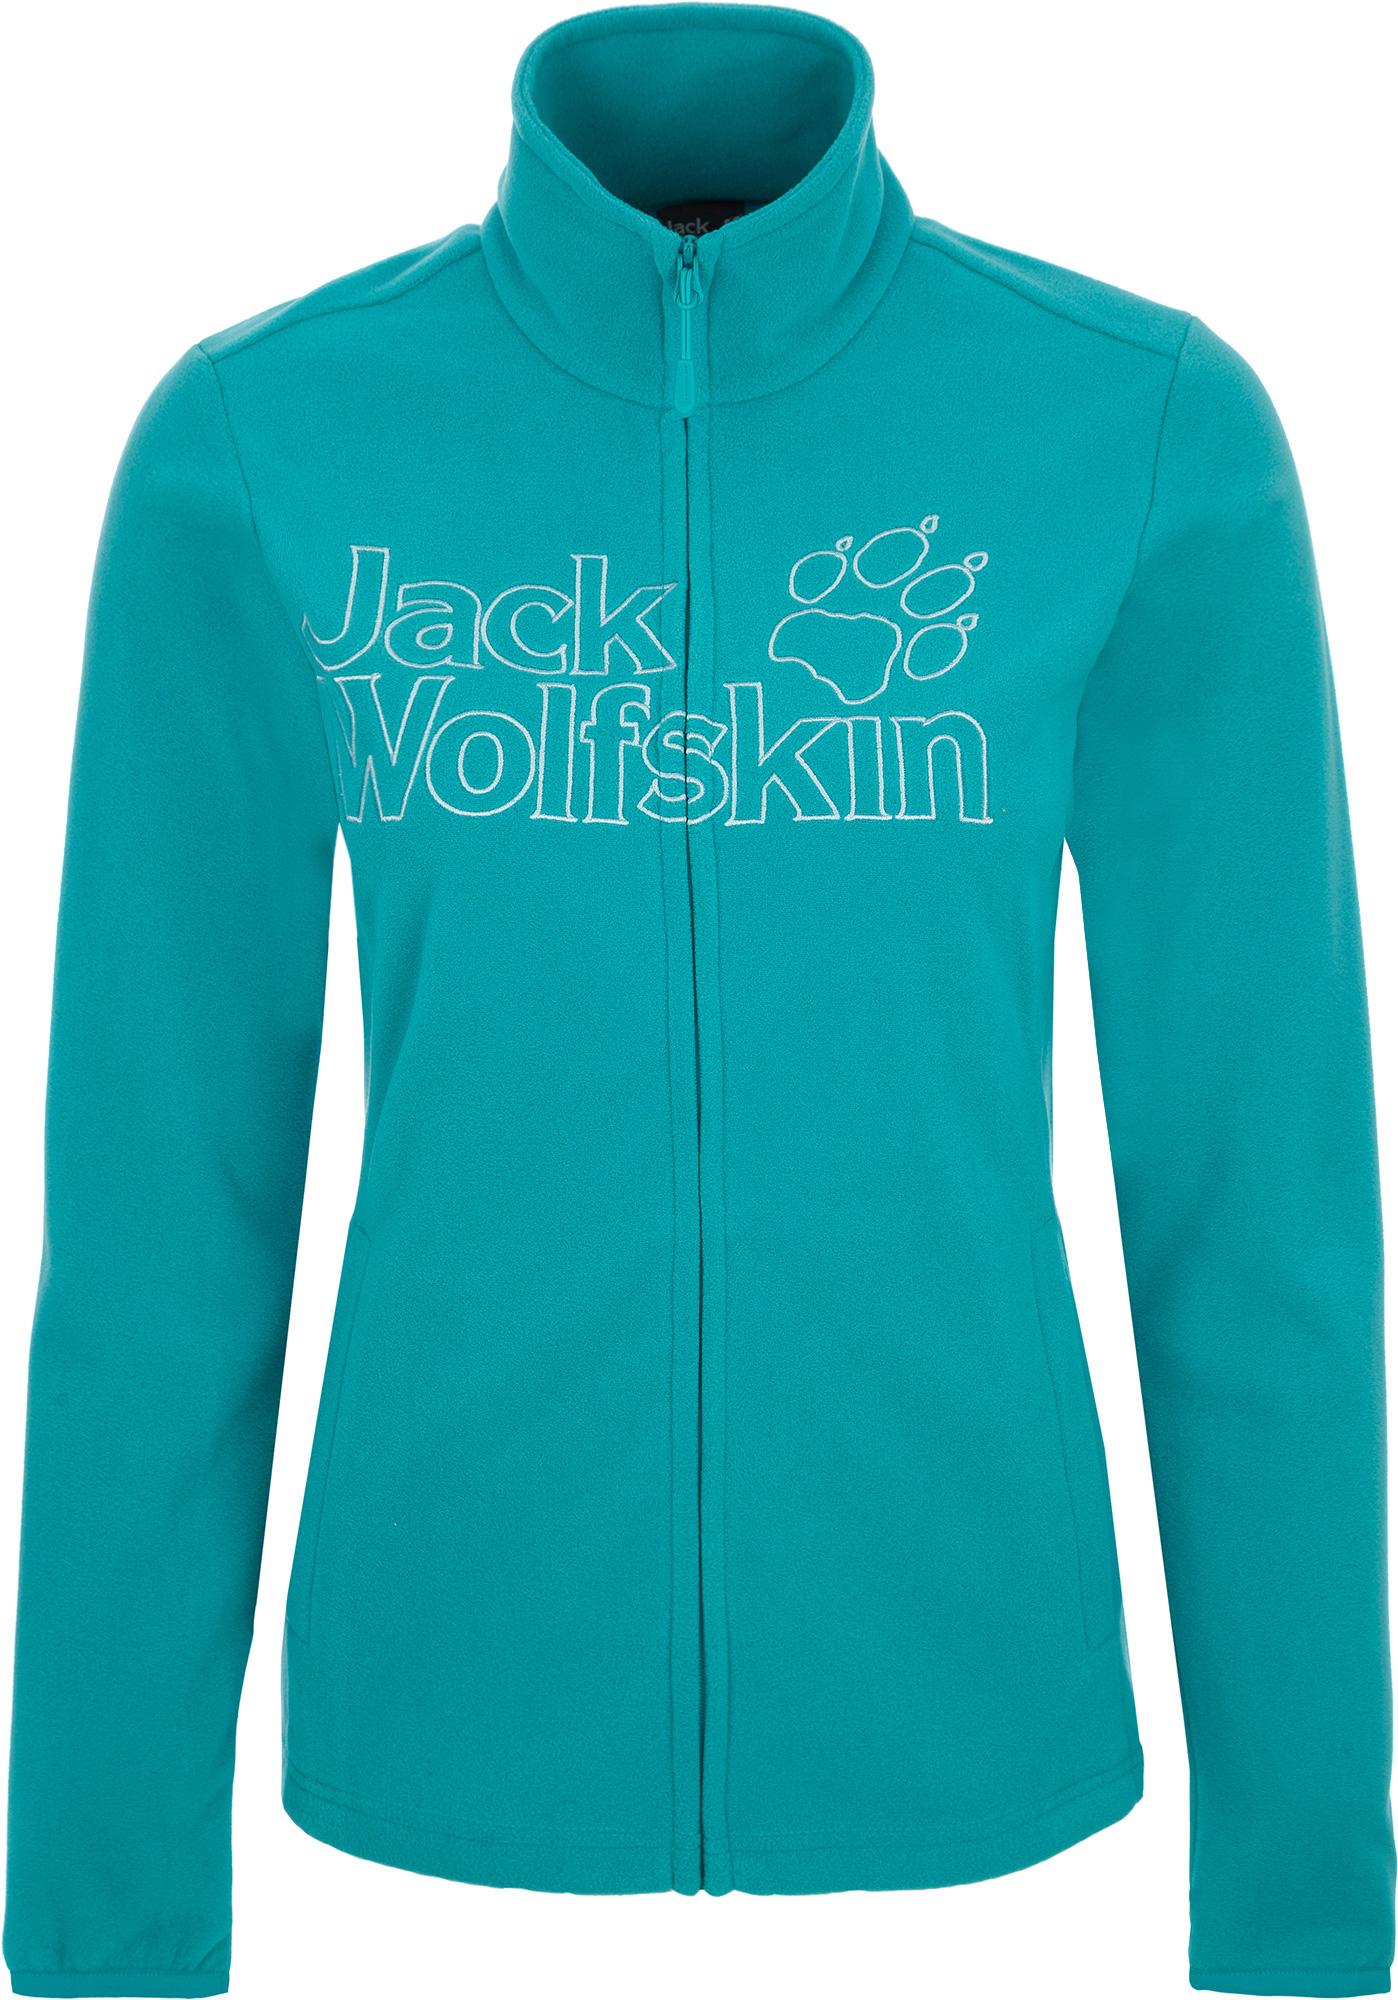 JACK WOLFSKIN Джемпер женский JACK WOLFSKIN Zero Waste, размер 50